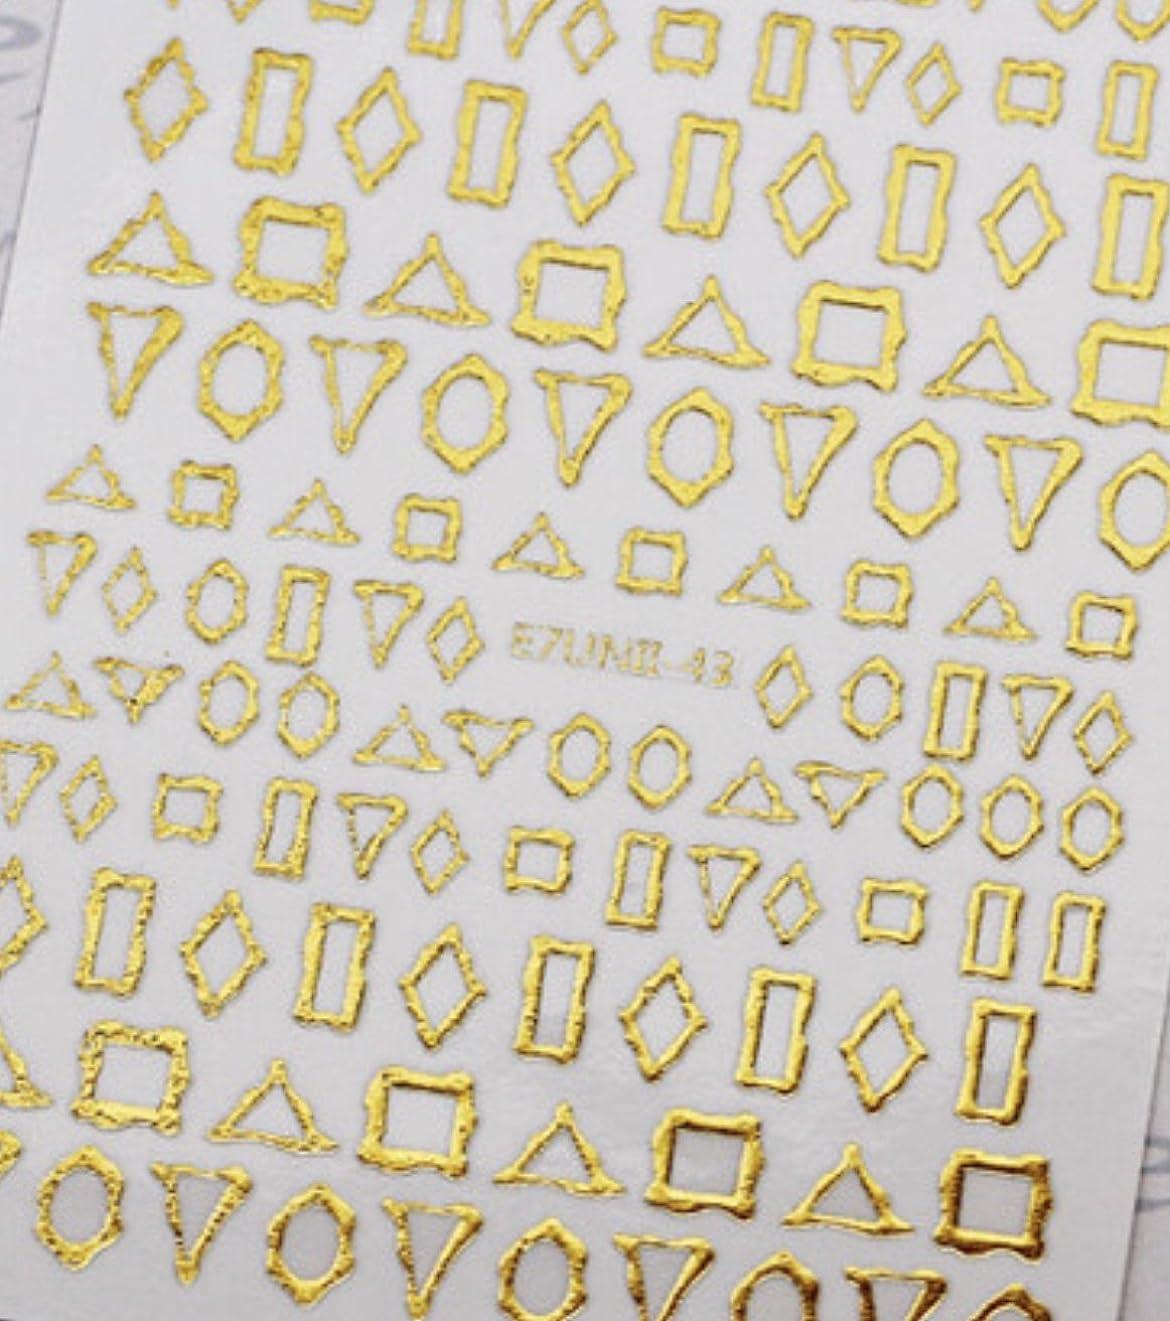 狂人同意若者極薄直接貼るタイプ ネイルシール スティッカー 枠 変形フレーム 垂らしこみアート用 多種多様なデザインに対応可能 ゴールド 金色 43番